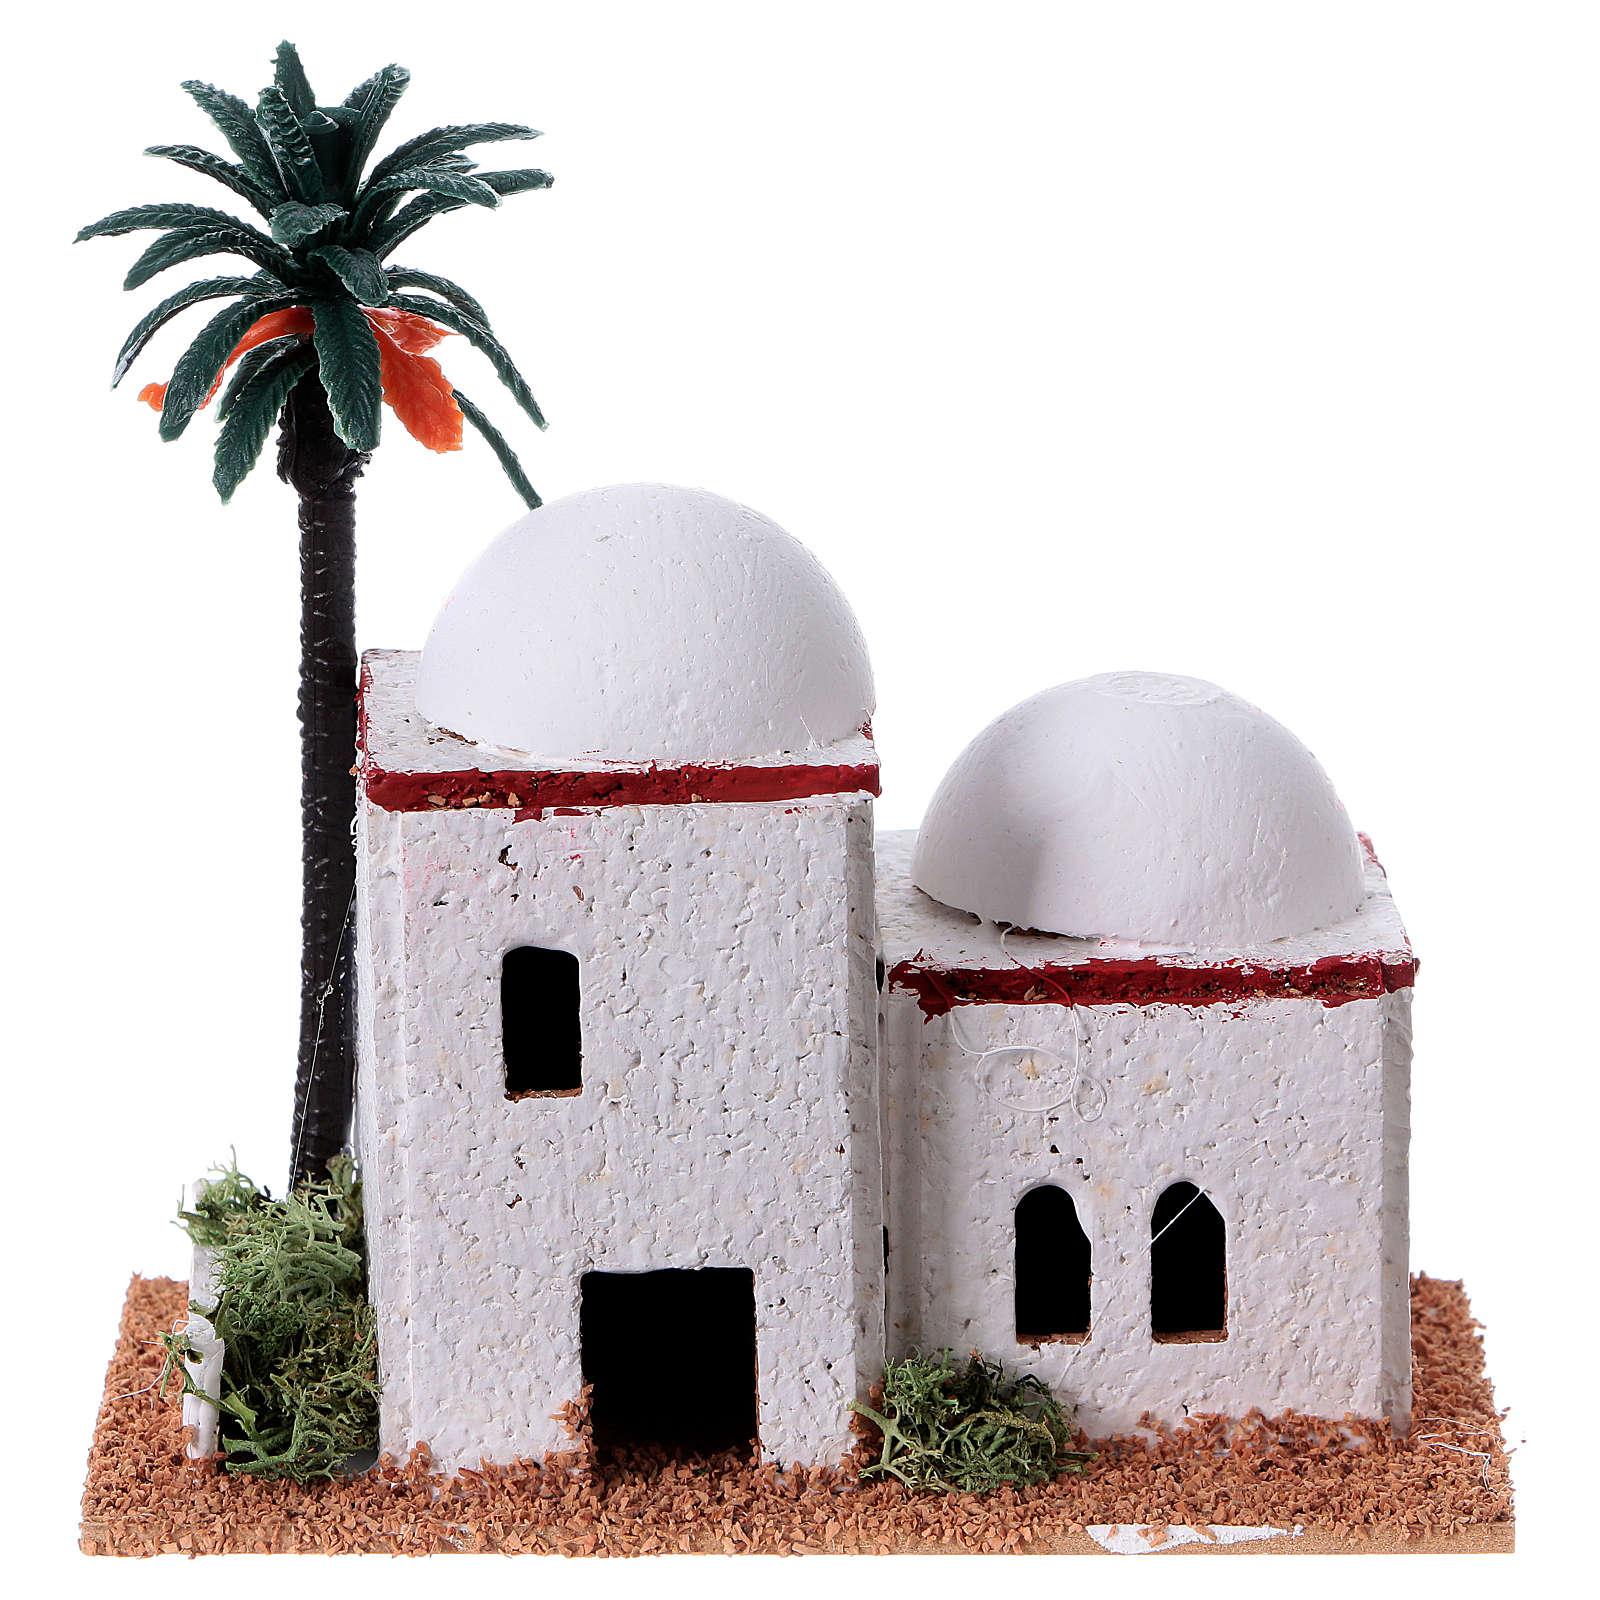 Casetta araba con palma mod. assortiti 12x7xh. 13 cm 4